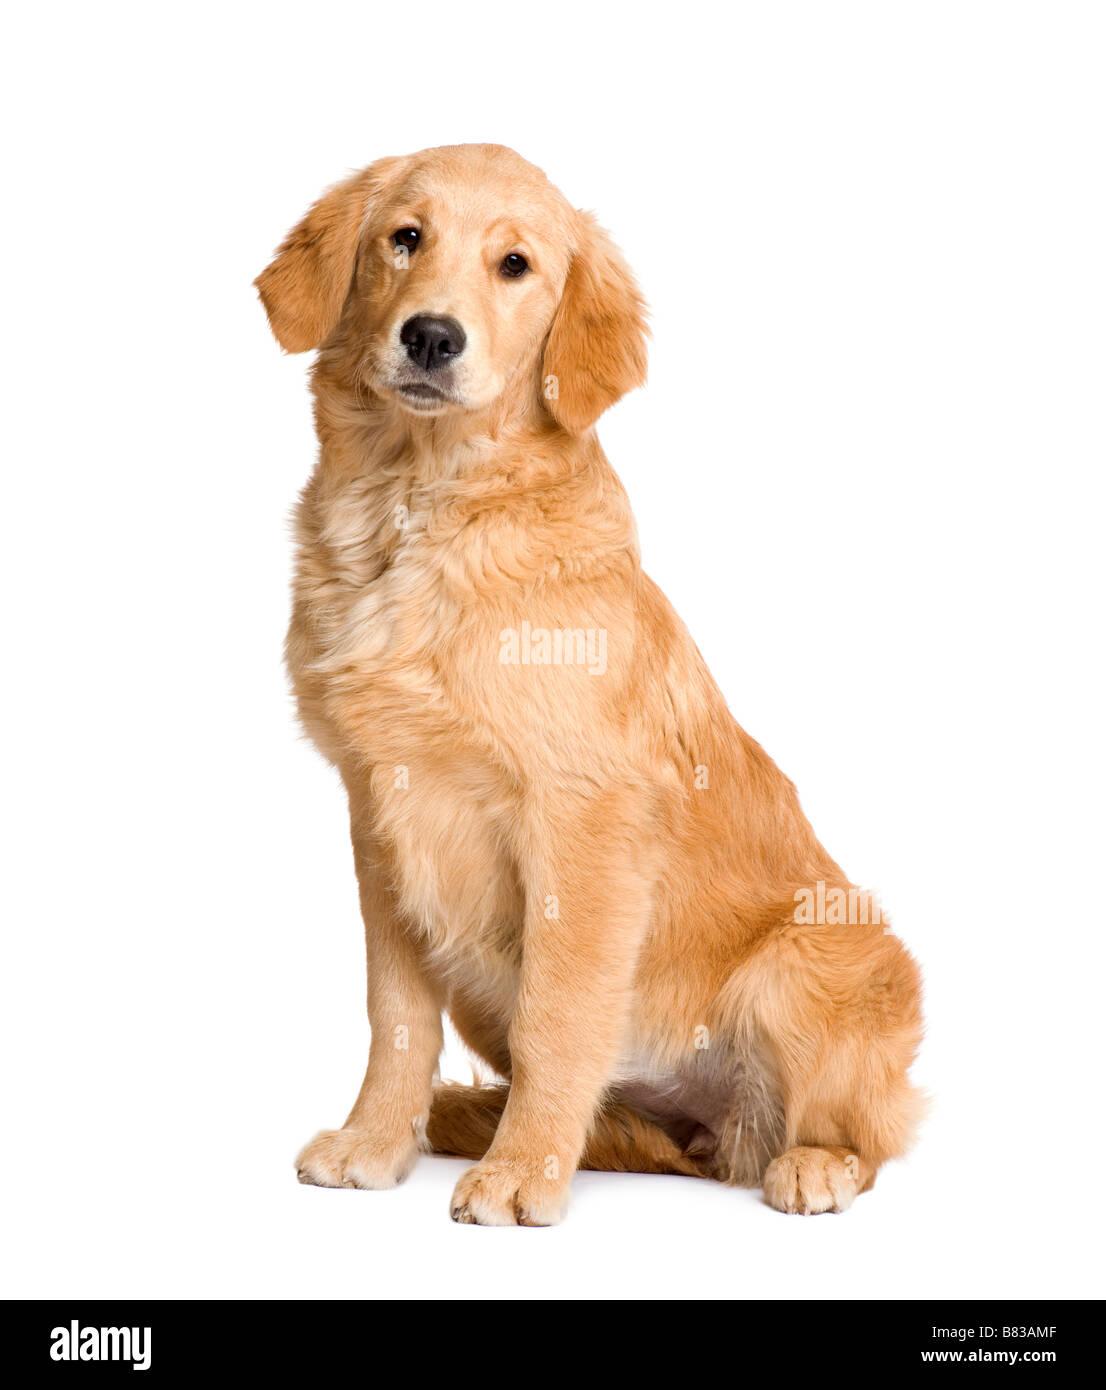 Chiot Golden Retriever 5 mois devant un fond blanc Photo Stock